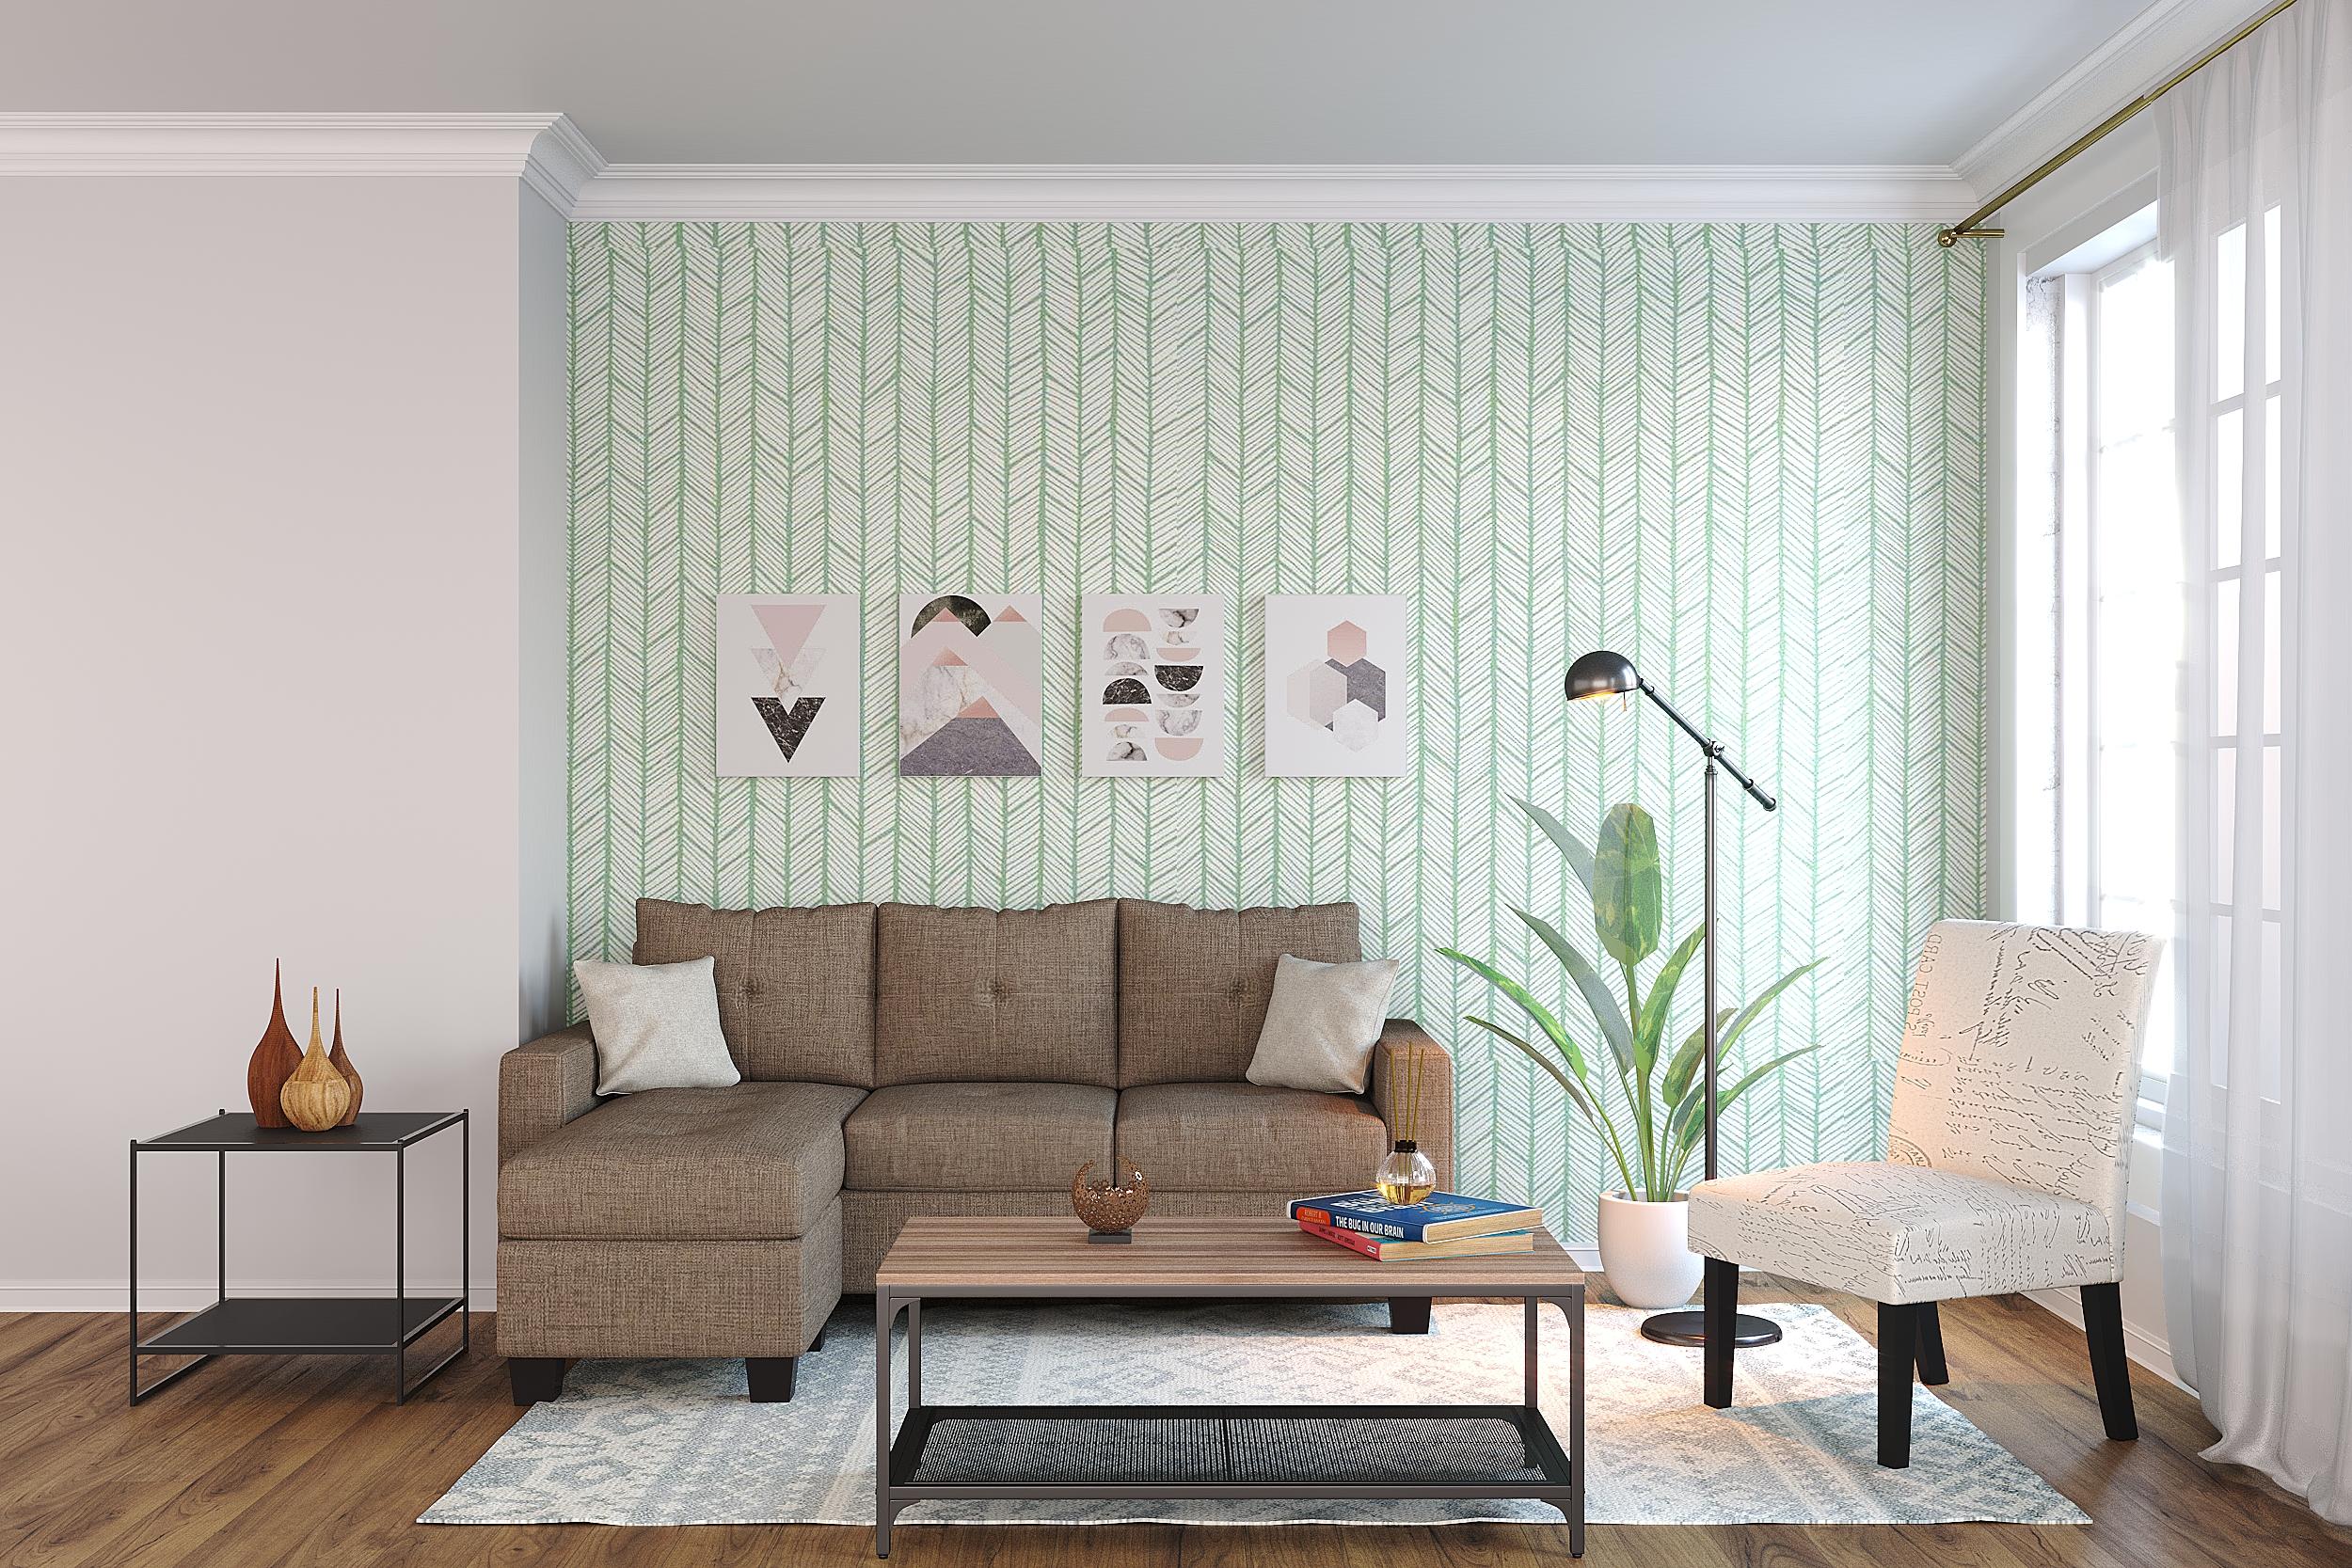 Bliss Living Room Rental Furniture Set 1